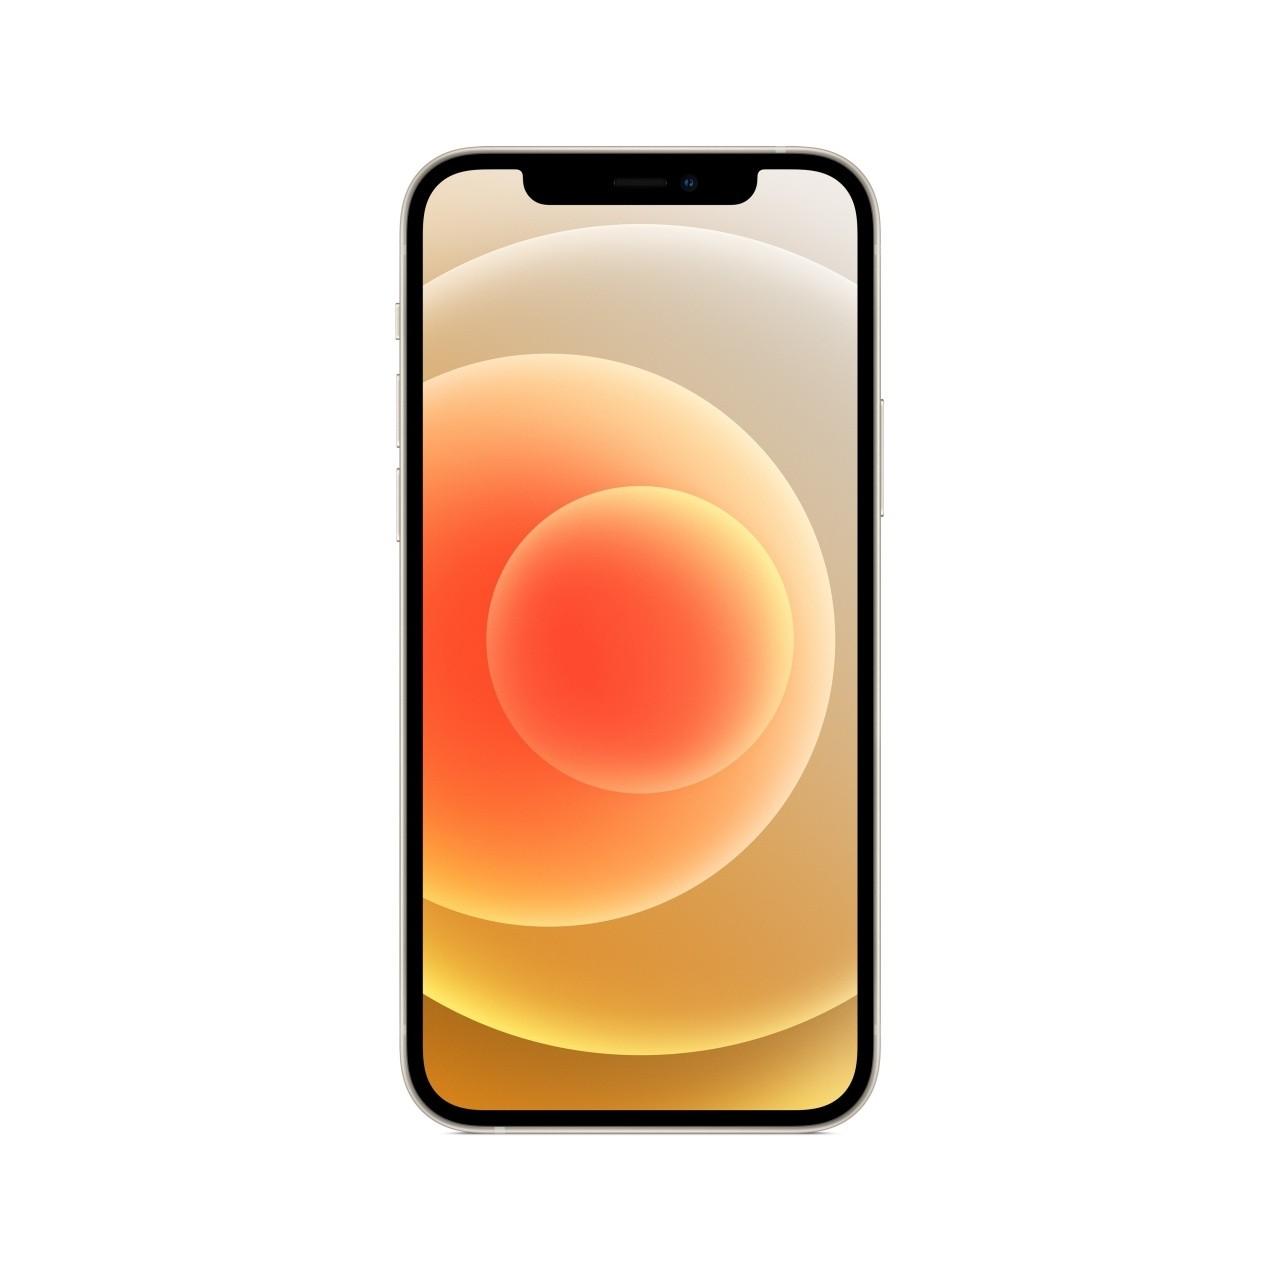 Apple iPhone 12 128GB Bianco